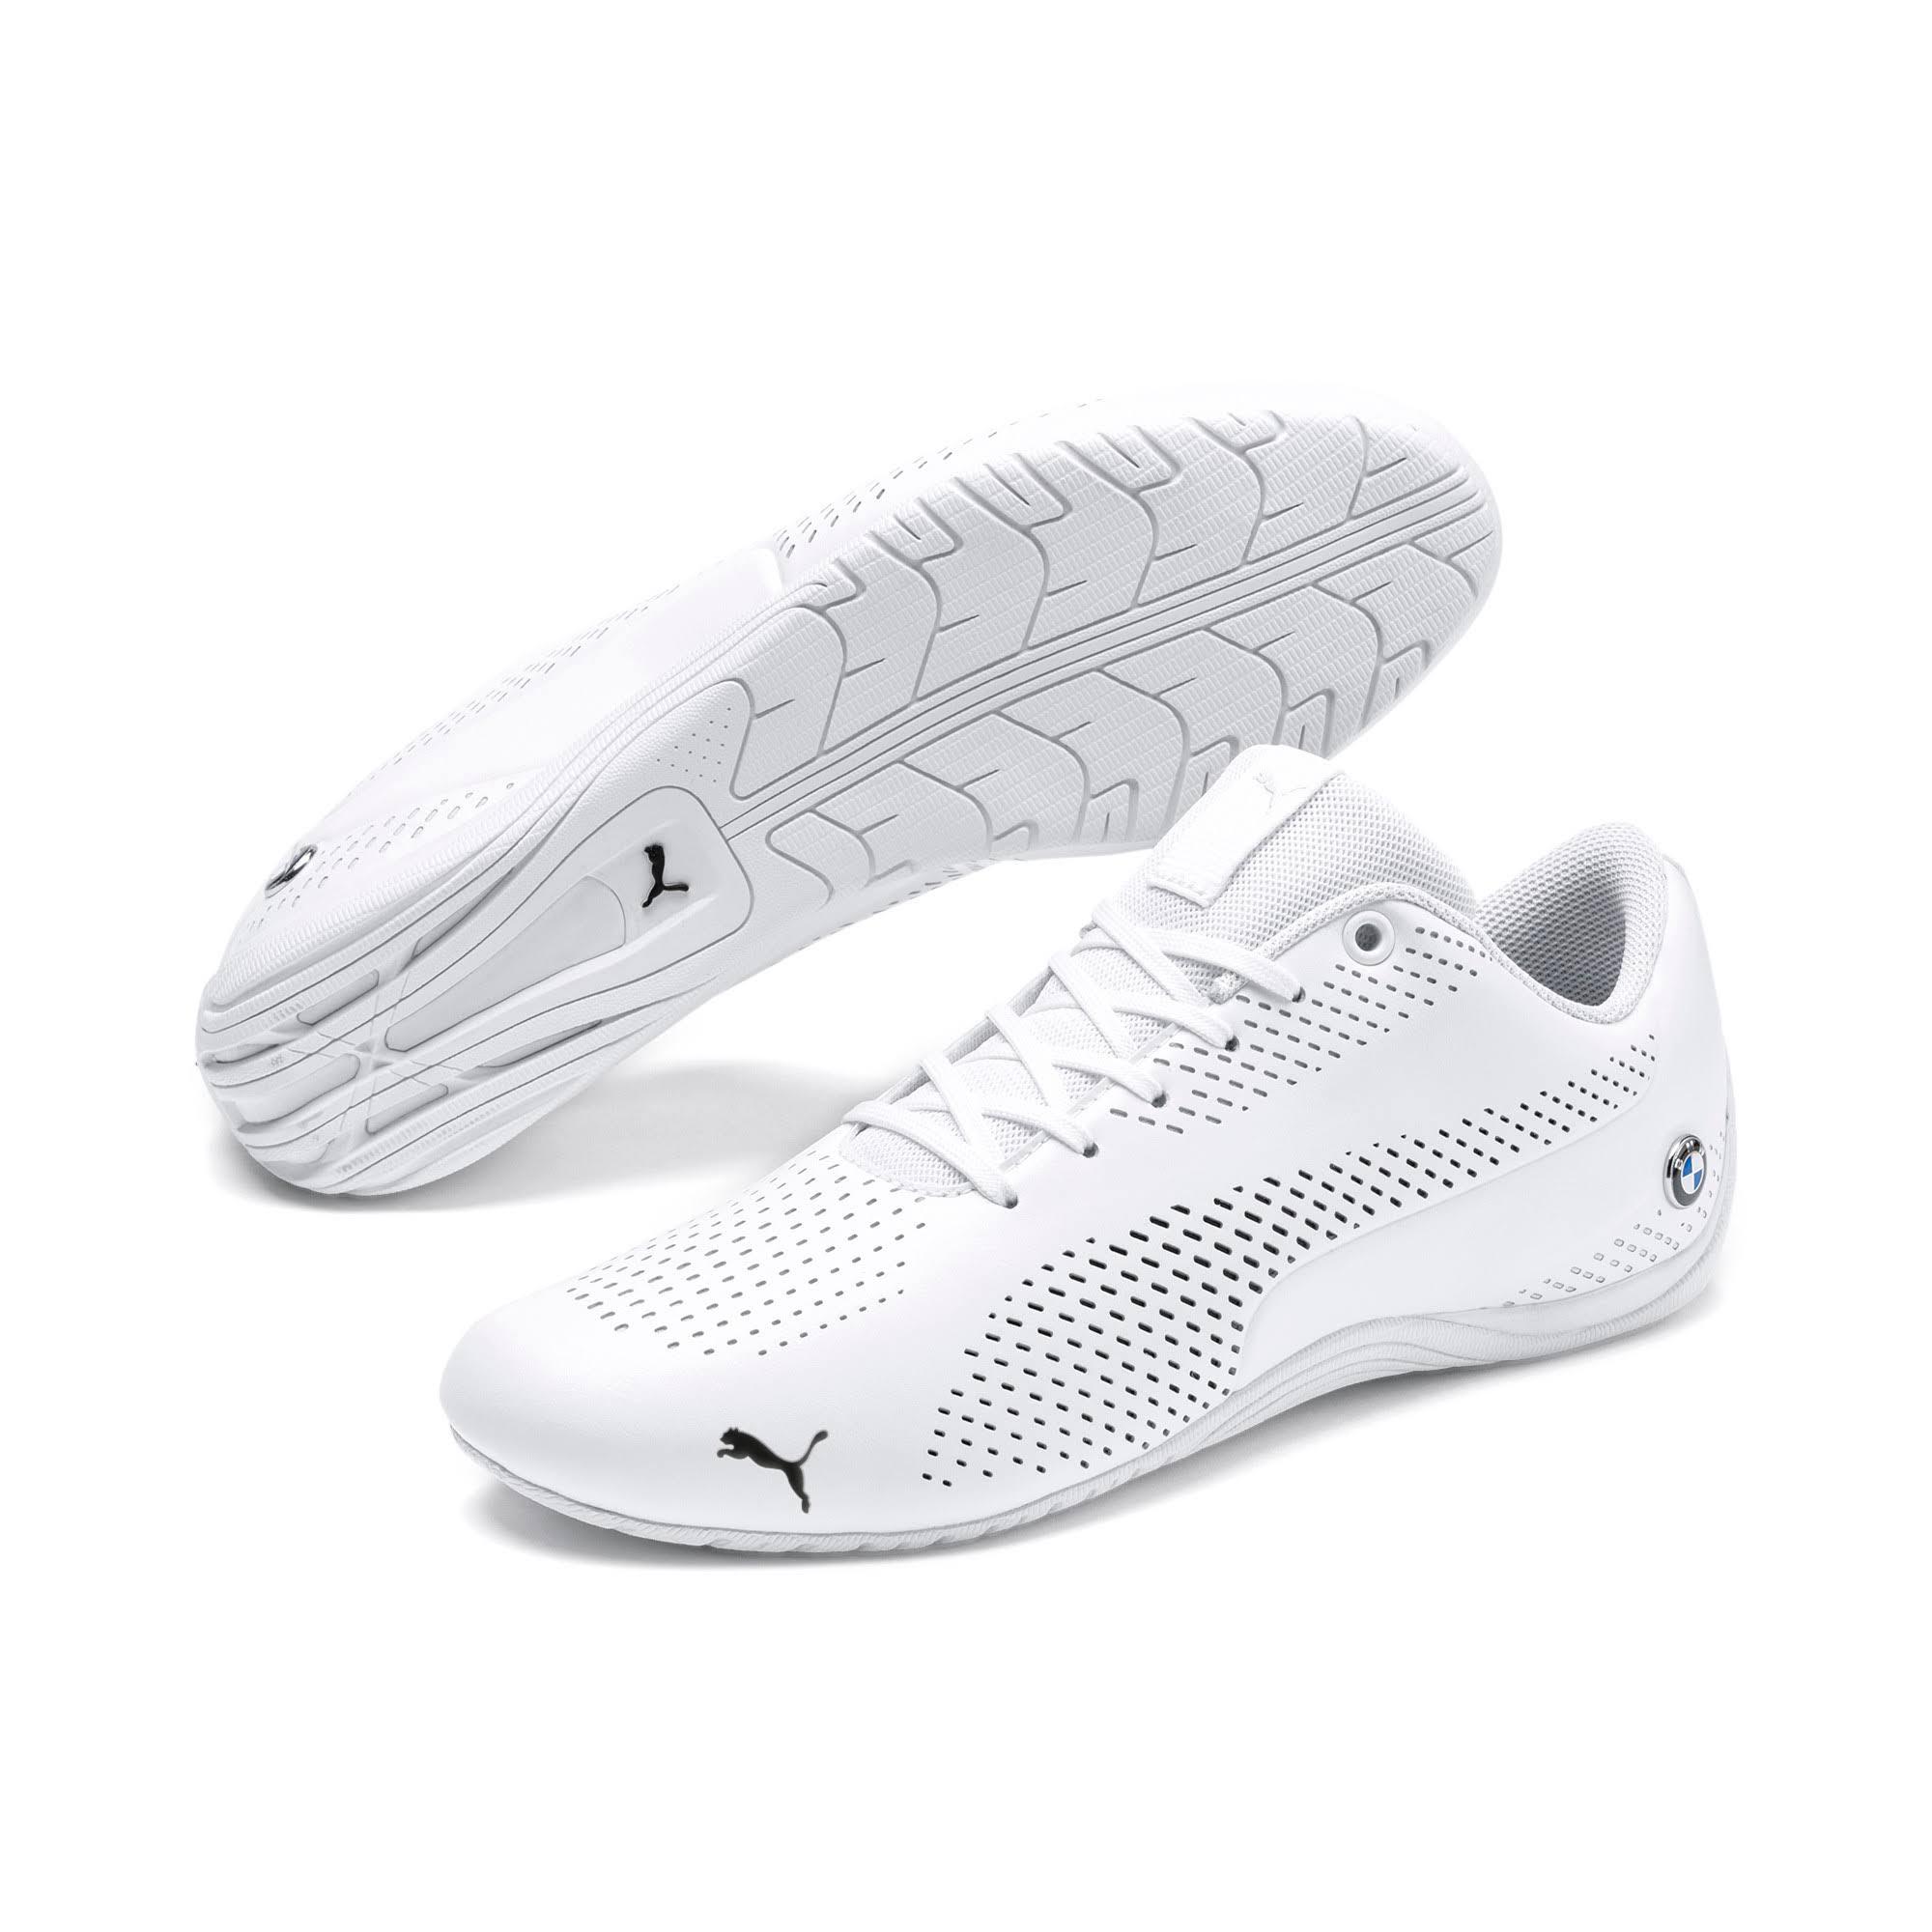 Mms Negro Zapatillas Drift Bmw Hombre Ultra 5 Blanco Ii Cat Para Puma 5 8 qErEwRxO